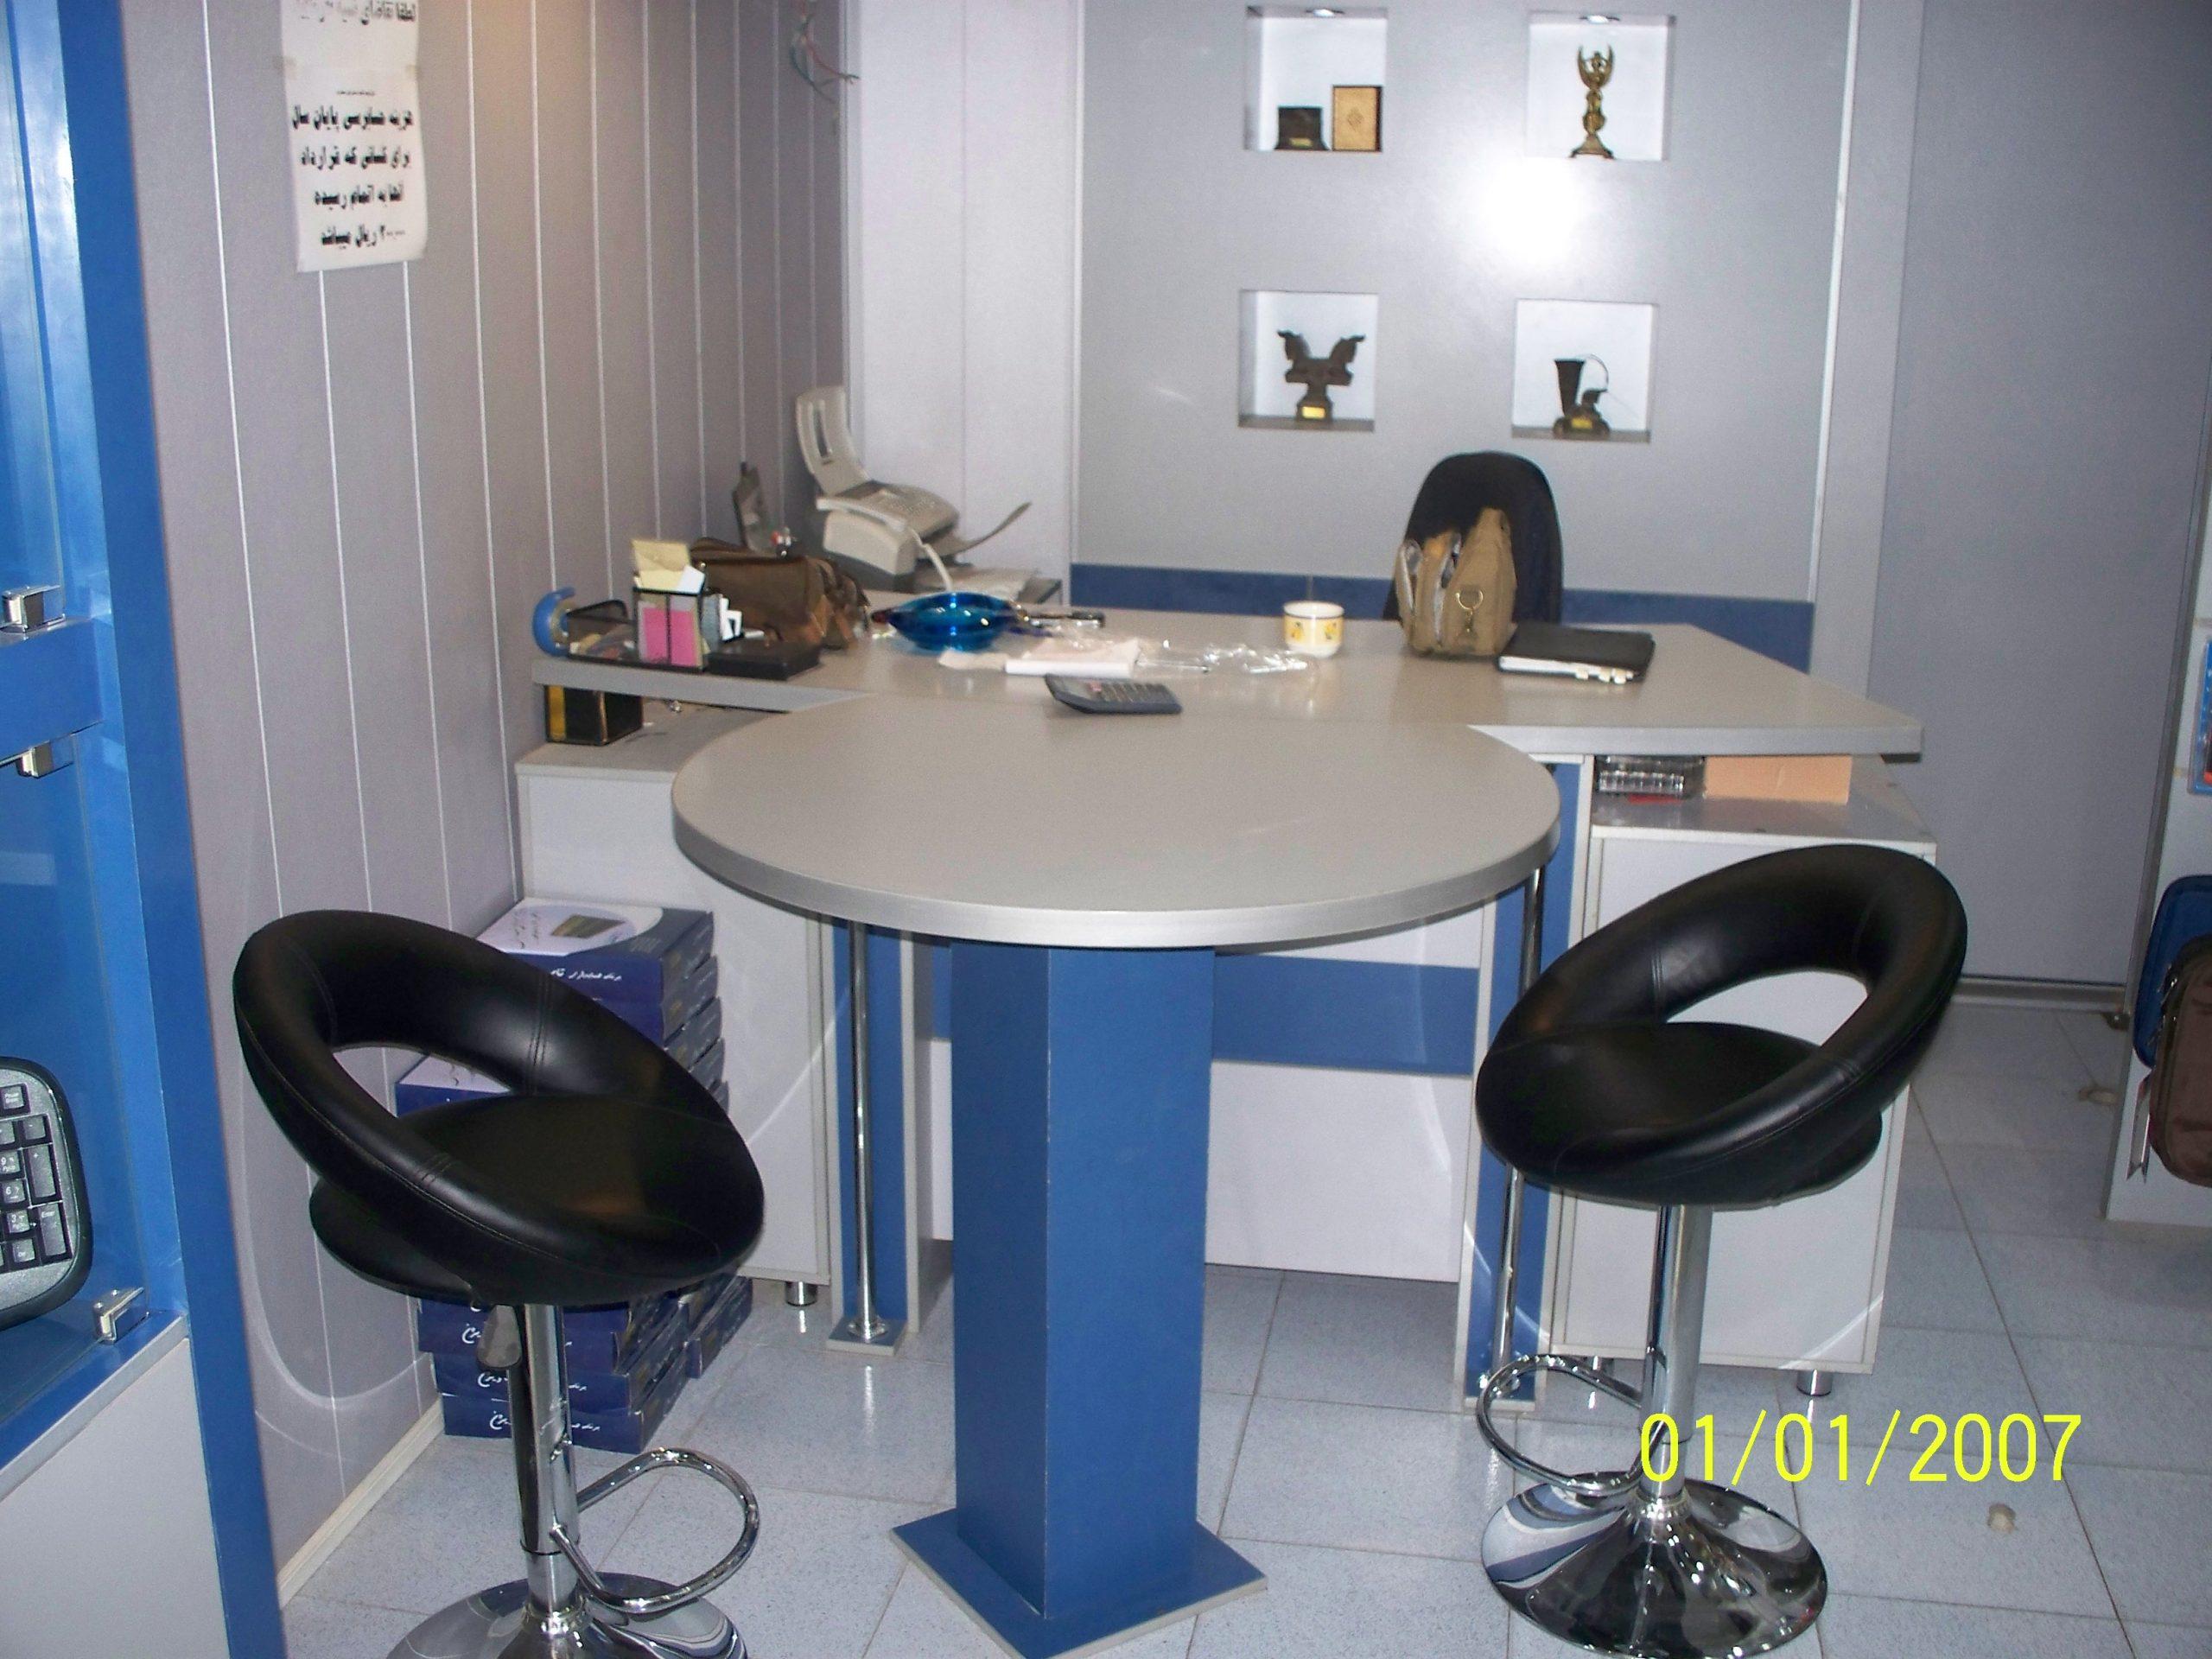 نمای داخلی مغازه چهارباغ کامپیوتر